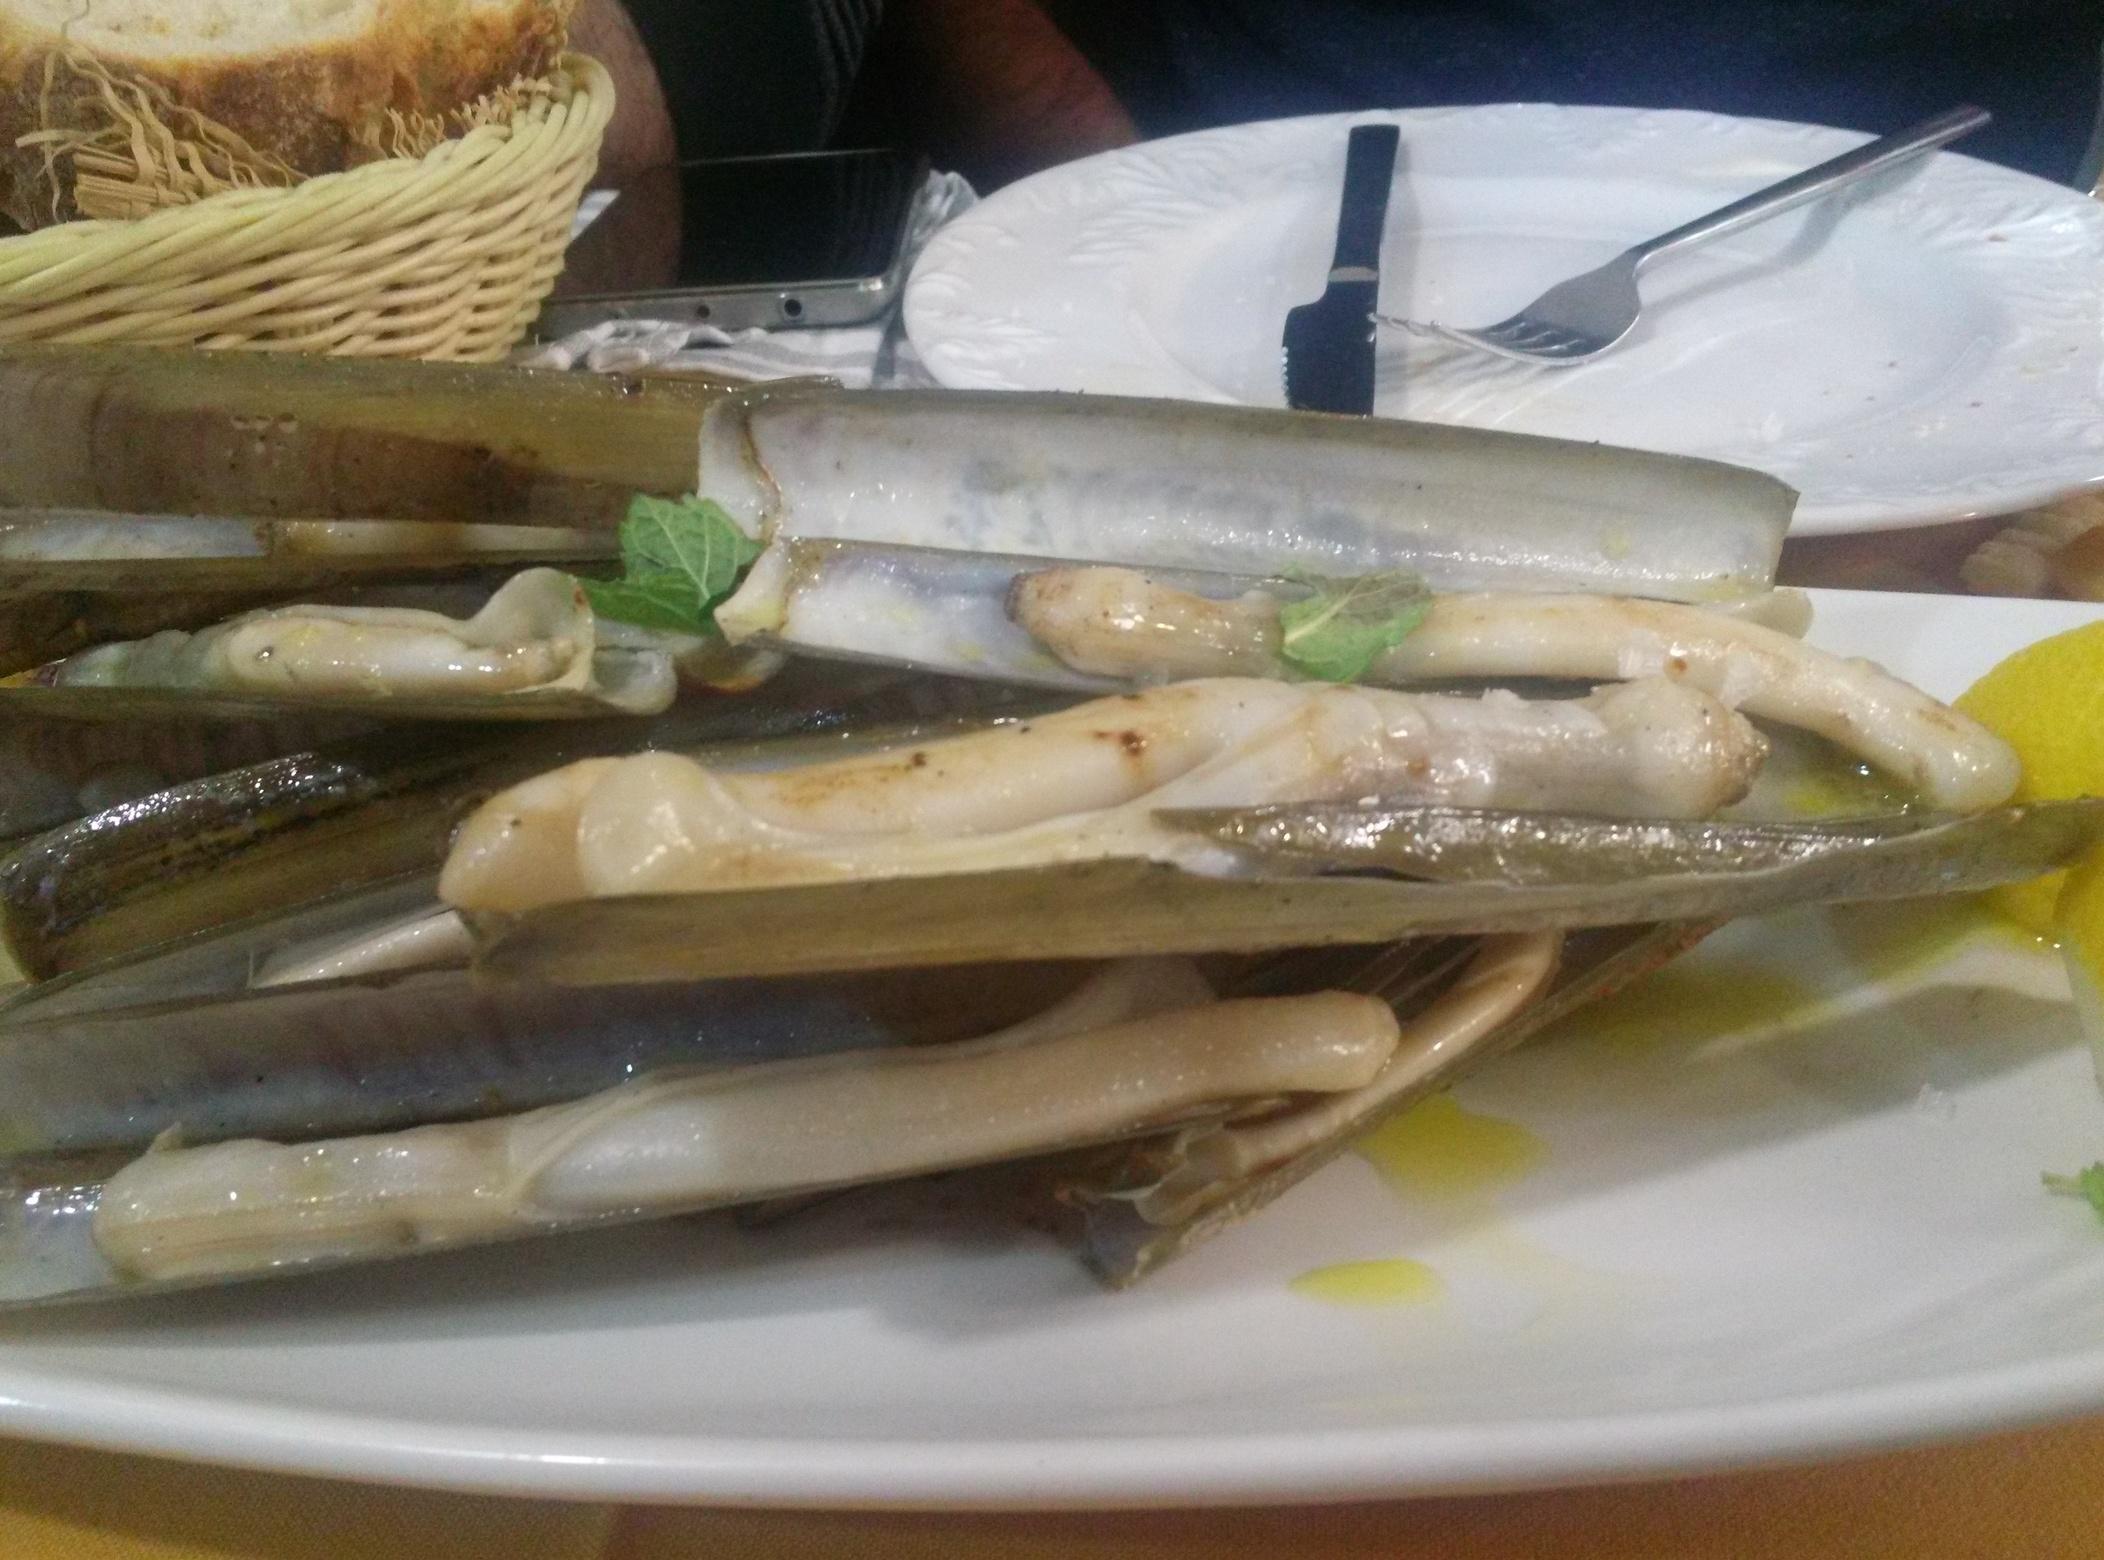 Navajas en O' Peregrino Bizarro, comida 25 febrero, postcata Jerez